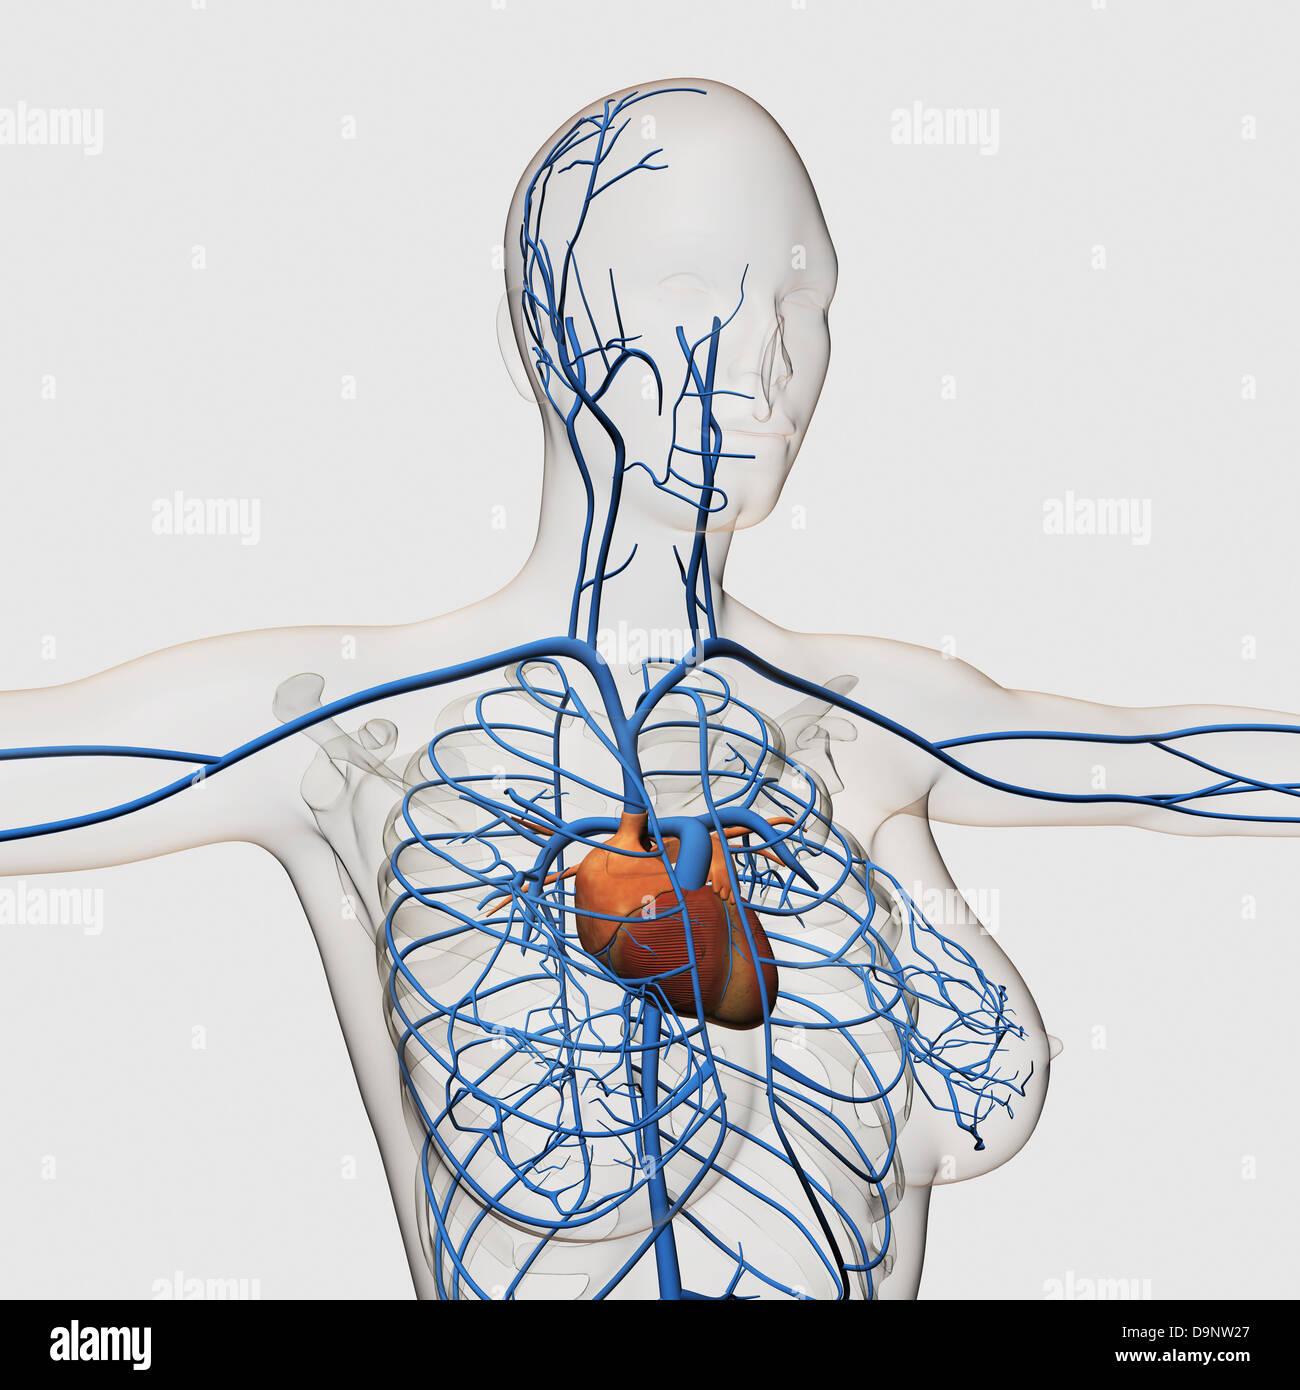 Medizinische Illustration der Herz-Kreislauf-System mit Herz und ...